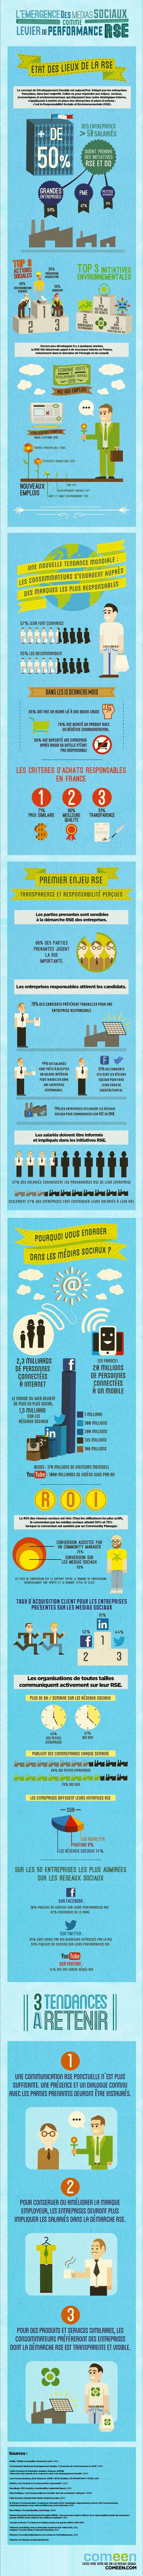 Alors que plus de 50% des entreprises françaises mettent en place des démarches RSE (Responsabilité Sociale et Environnementale) et développement durable, l'agence de conseil Comeen met en avant, au travers d'une infographie, l'intérêt des réseaux sociaux pour promouvoir ces actions.